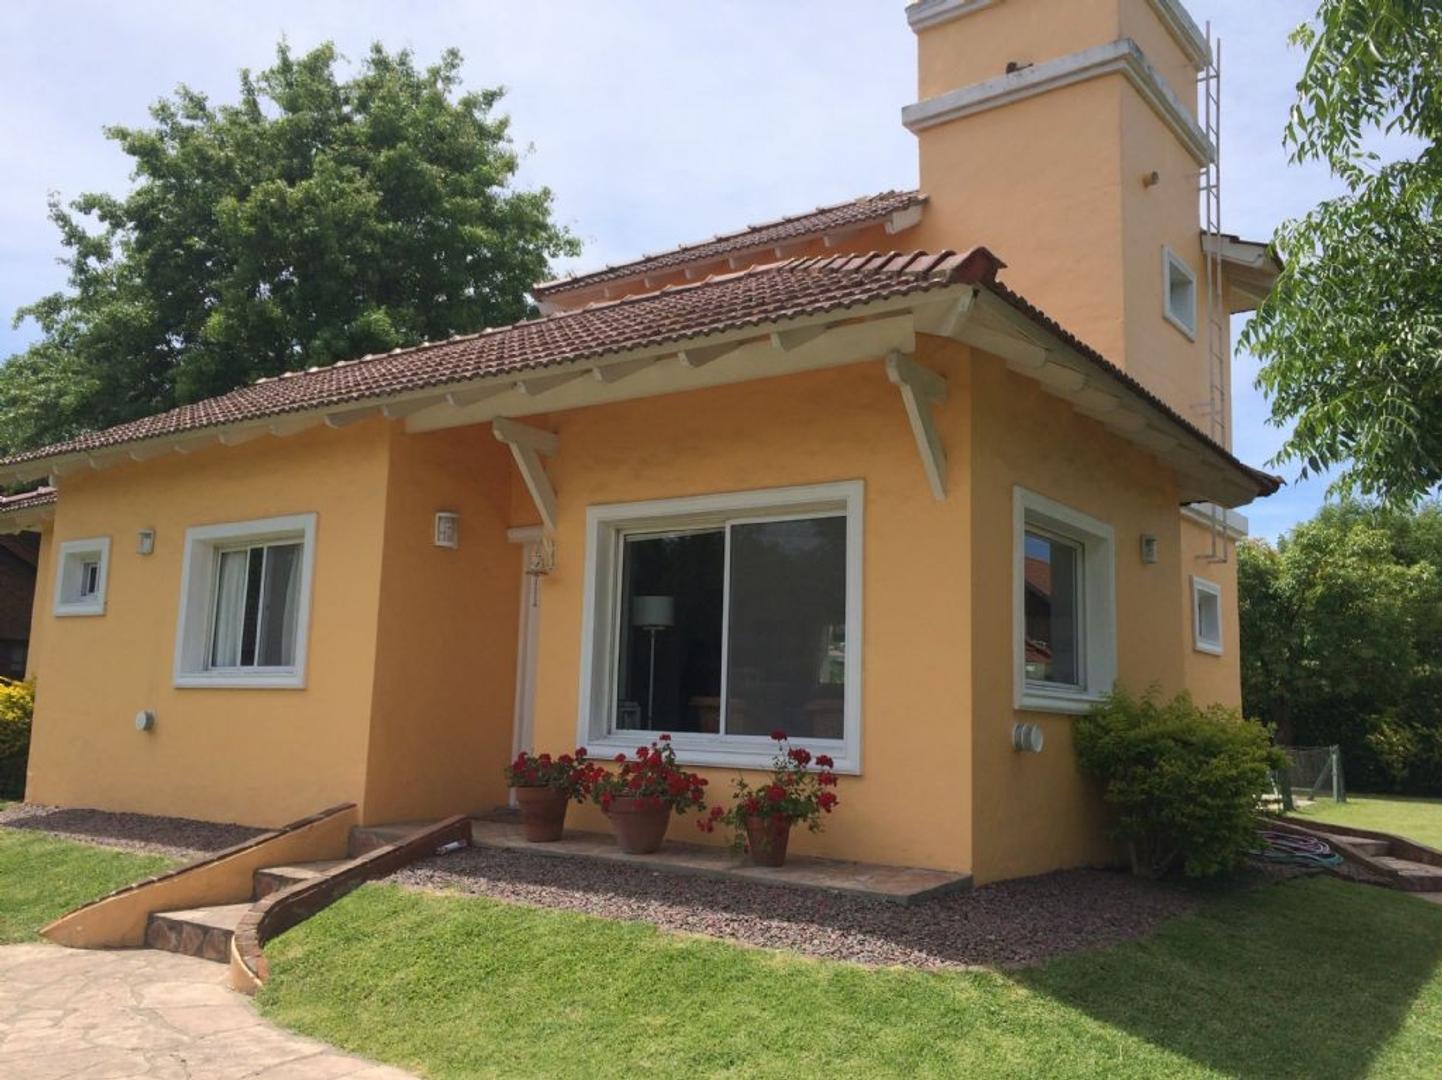 Casa  en Venta  C.C. Banco Provincia, Zona Oeste - OES0827_LP124088_1